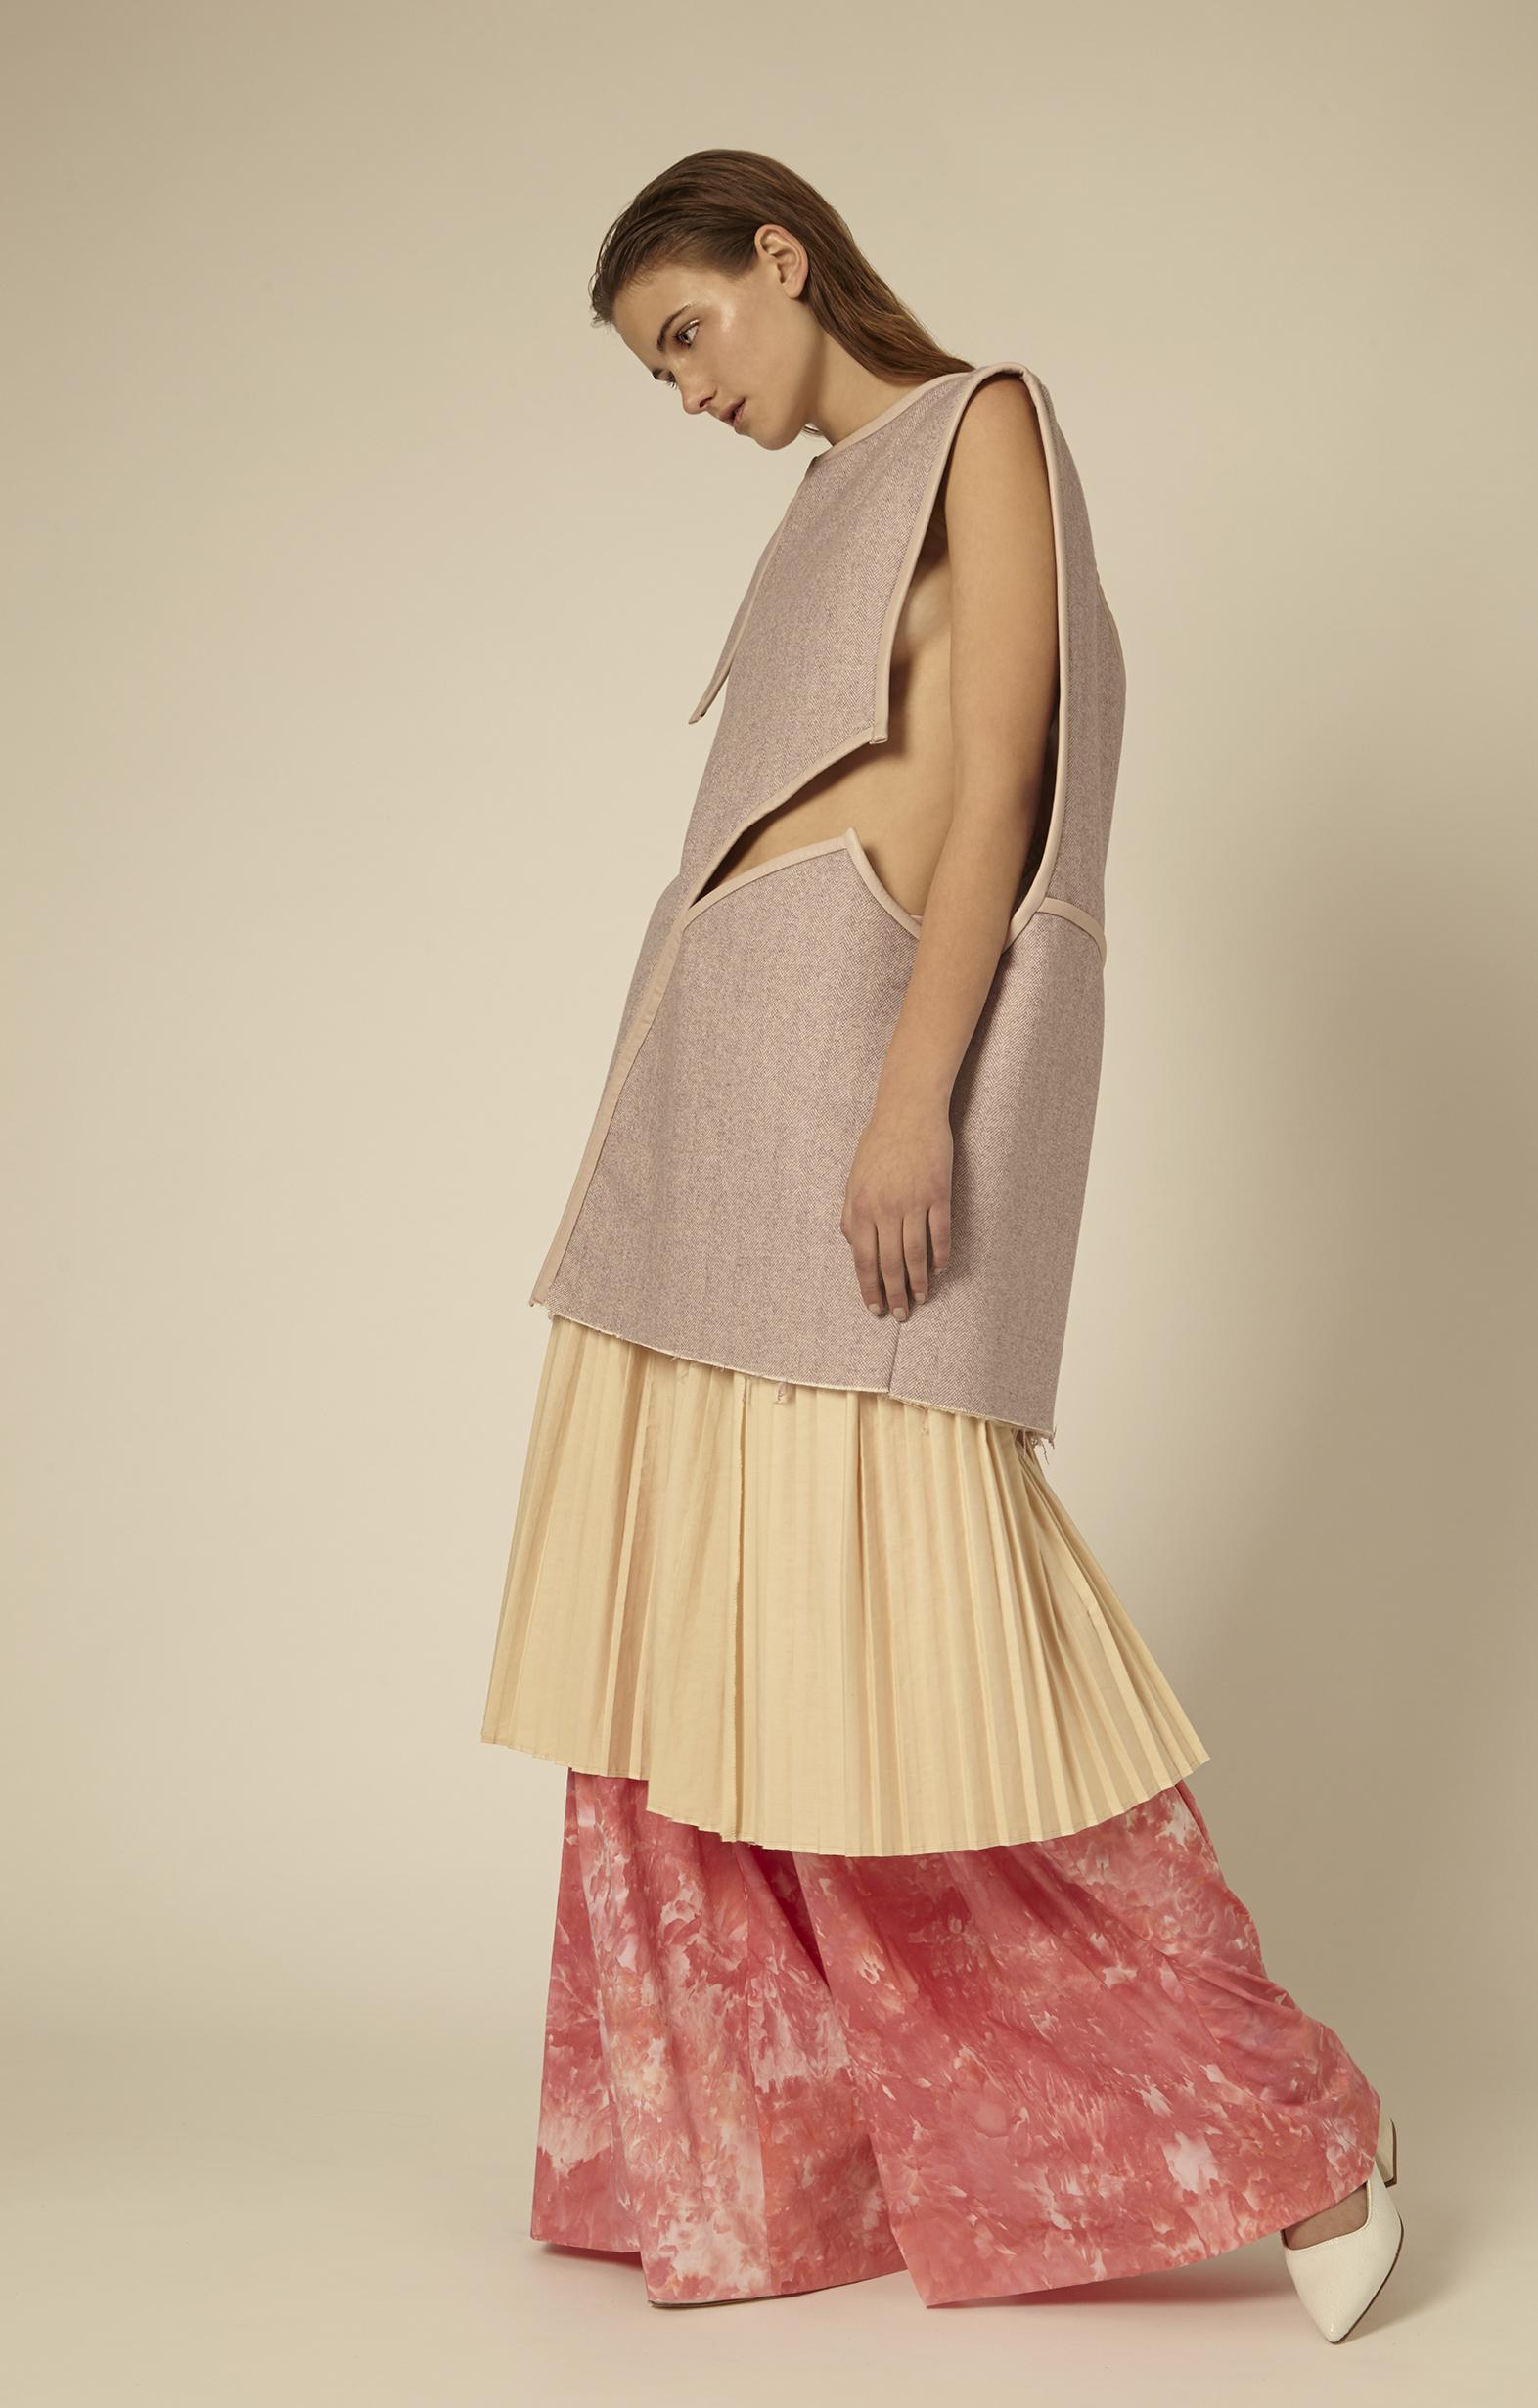 Top by Lucky Yijia Jiang, MFA Menswear Design. Skirt by Ruone Yan, BFA Menswear Design. Pants by Dominic Tan, BFA Menswear Design. Shoes, stylist's own.